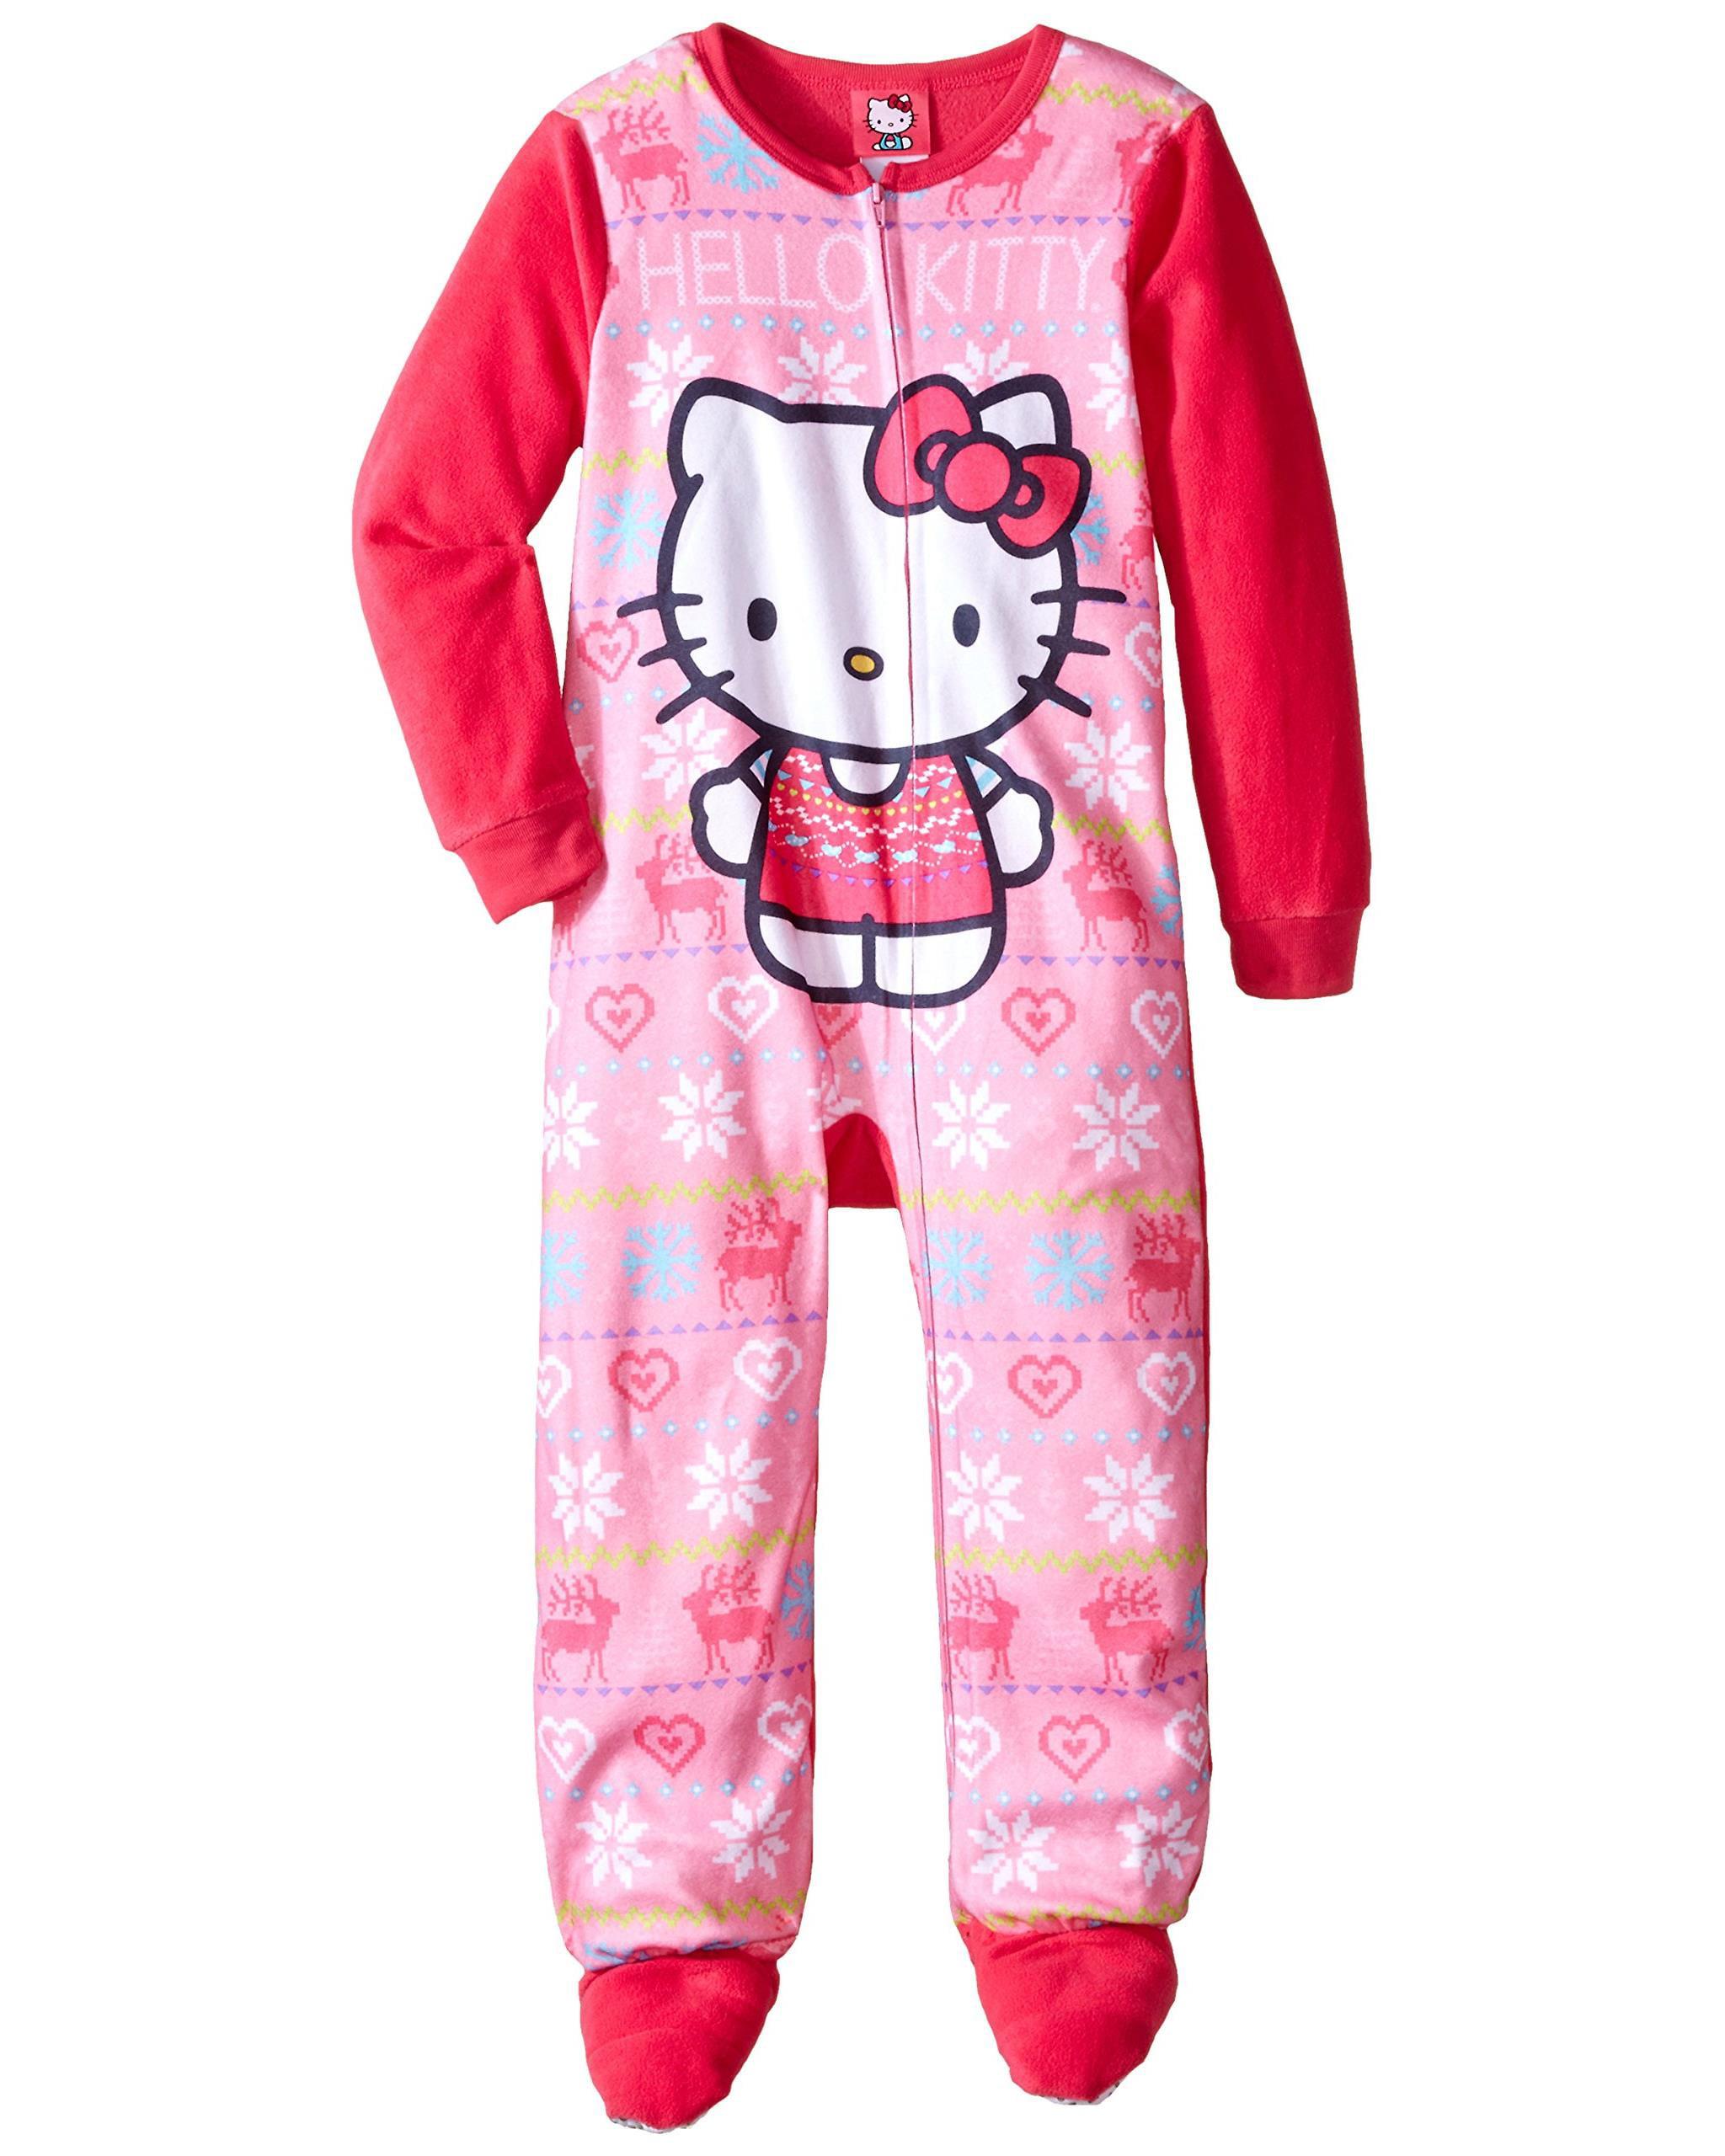 7edef0113 Komar Kids Big Girls' Hello Kitty Fleece Blanket Sleeper, Pink, Size: X  zoomed image